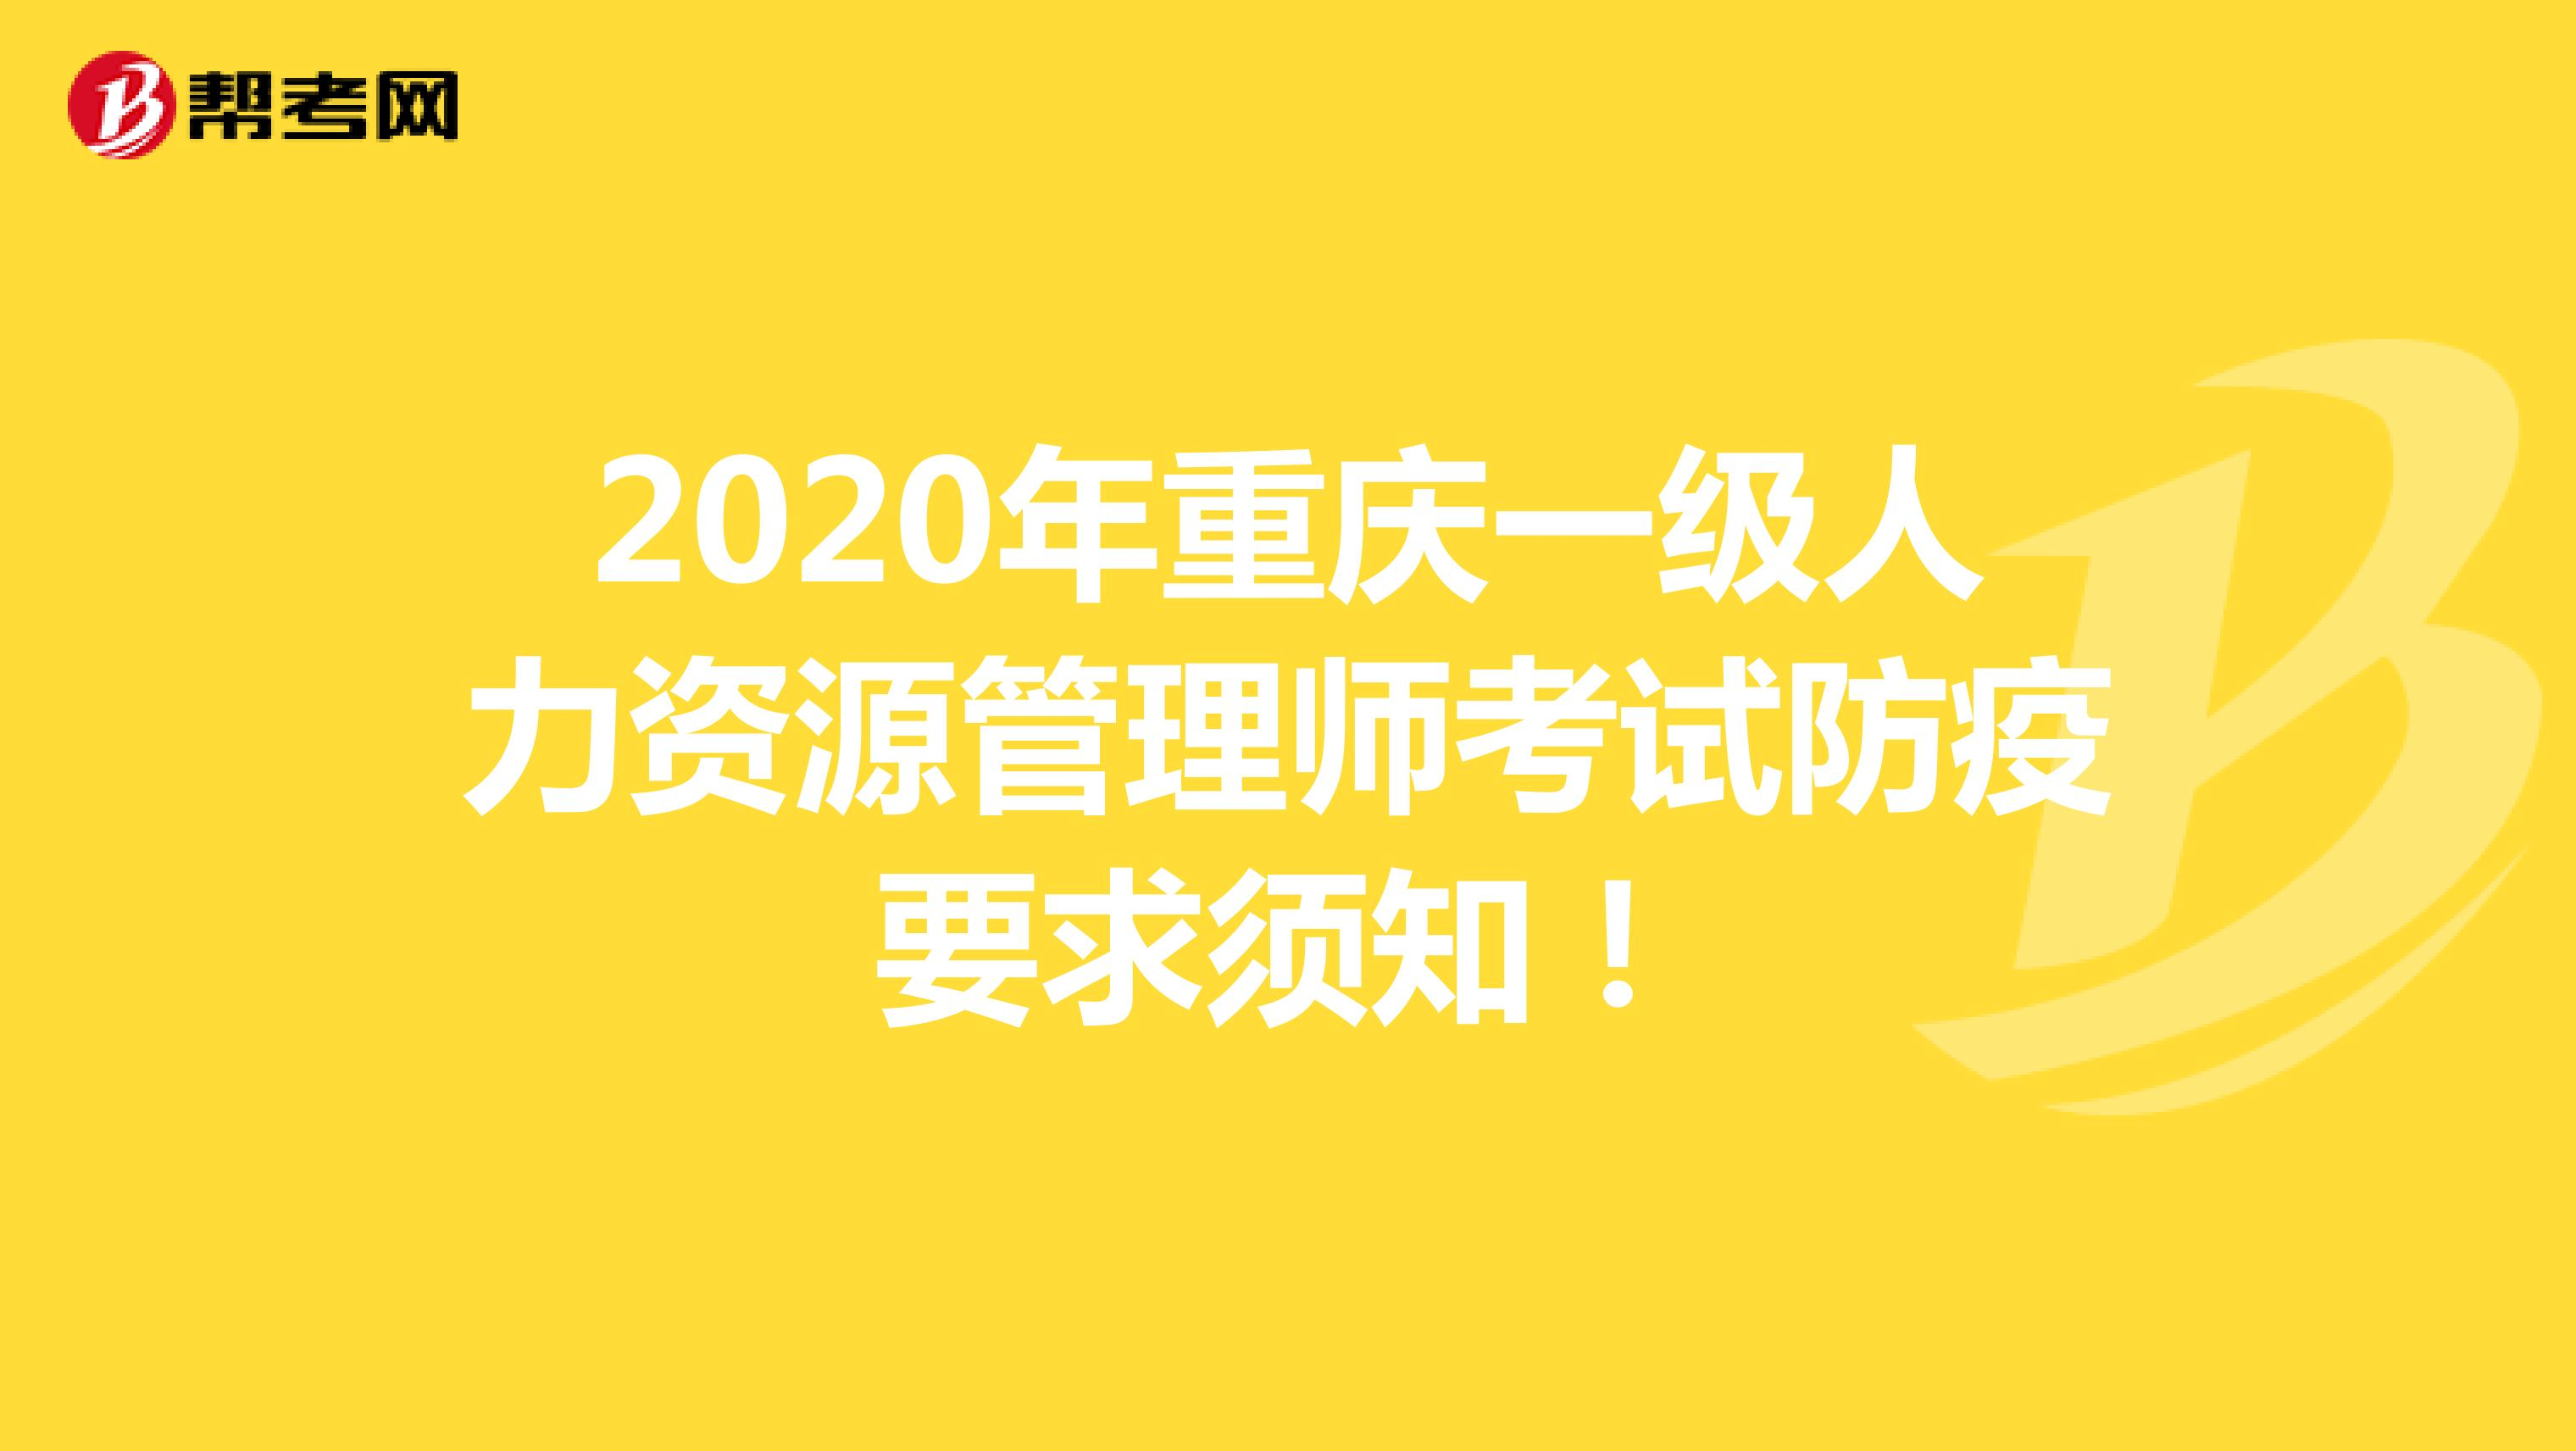 2020年重慶一級人力資源管理師考試防疫要求須知!